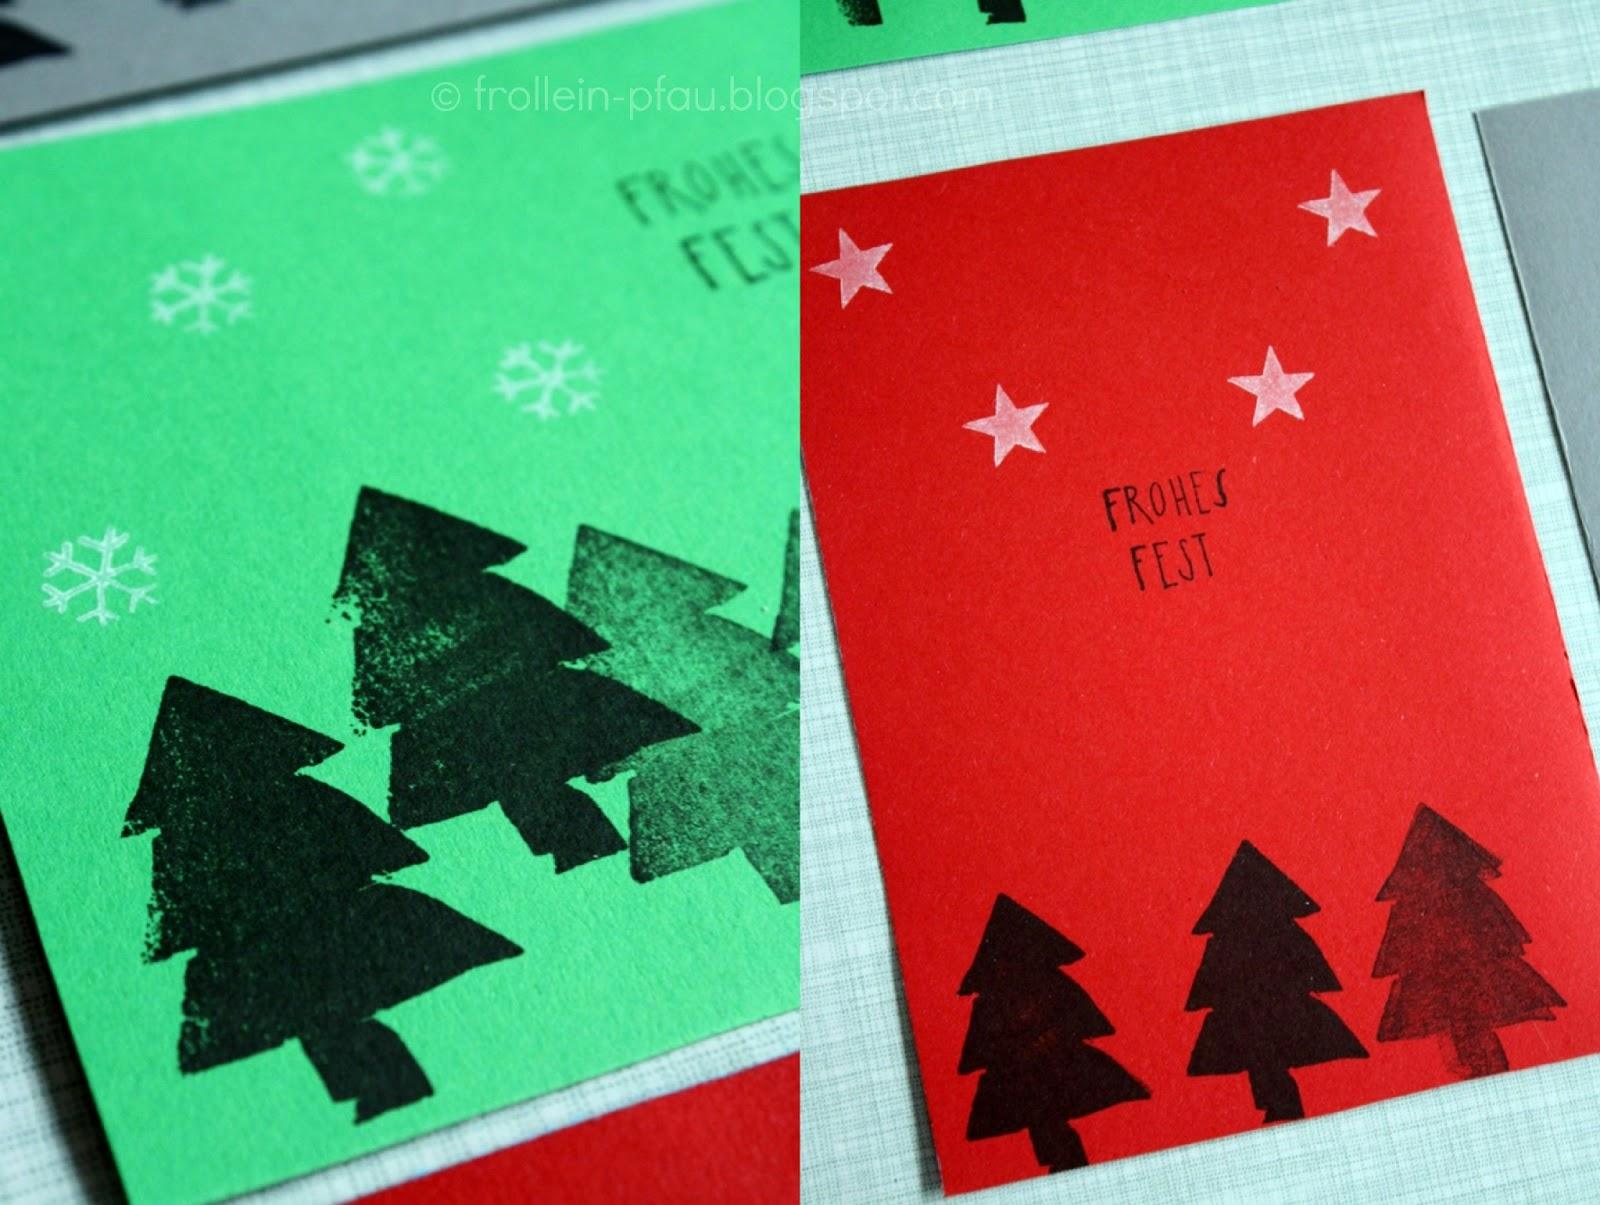 AuBergewohnlich Weihnachtskarten Selber Machen, DIY, Basteln, Weihnachtspost, Karten, Post,  Weihnachten,